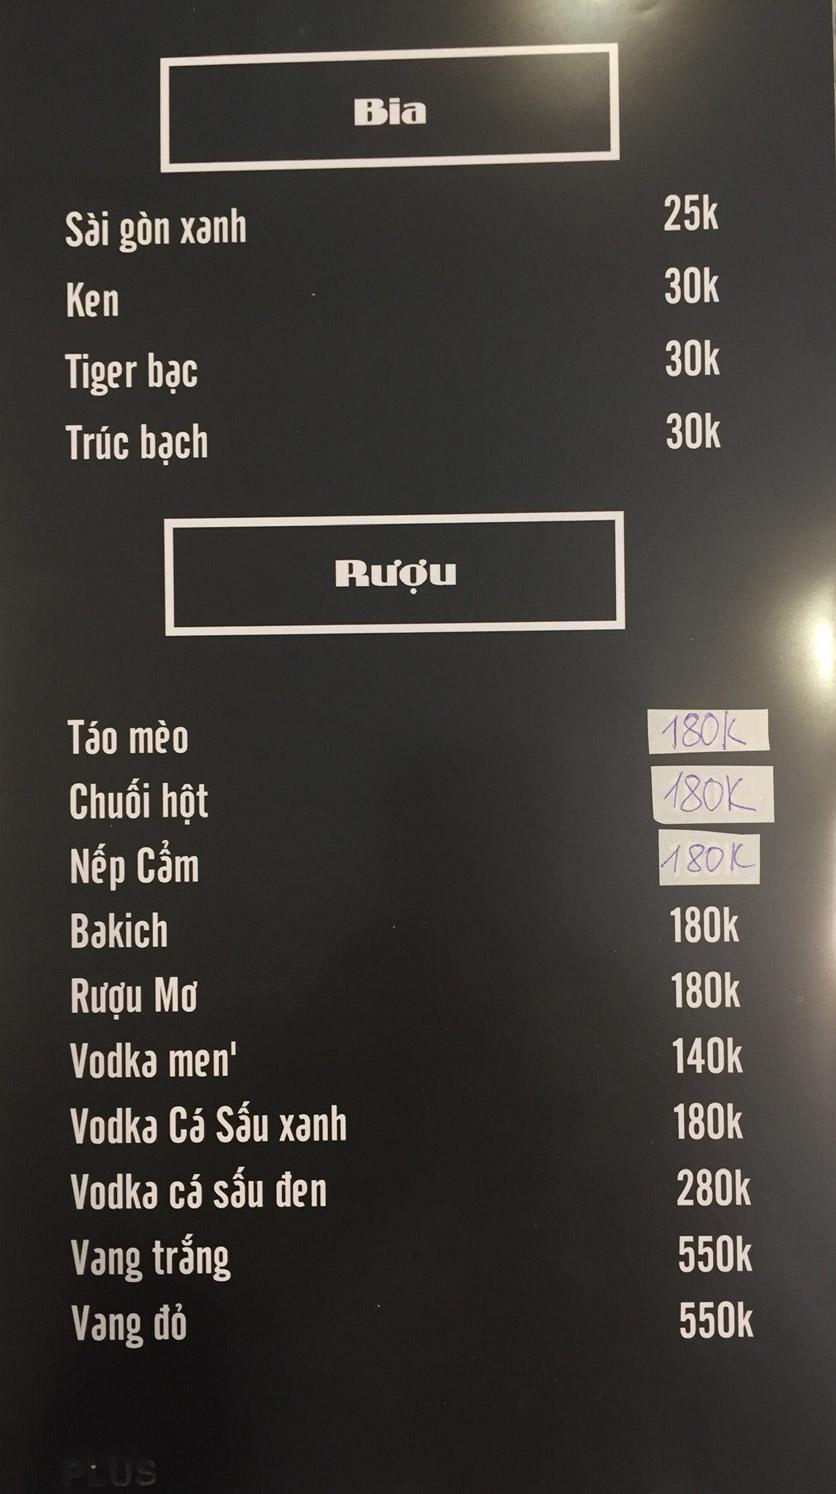 Menu Lam Huyền - Đặc sản lẩu hơi nồi đá - Hoàng Quốc Việt  11